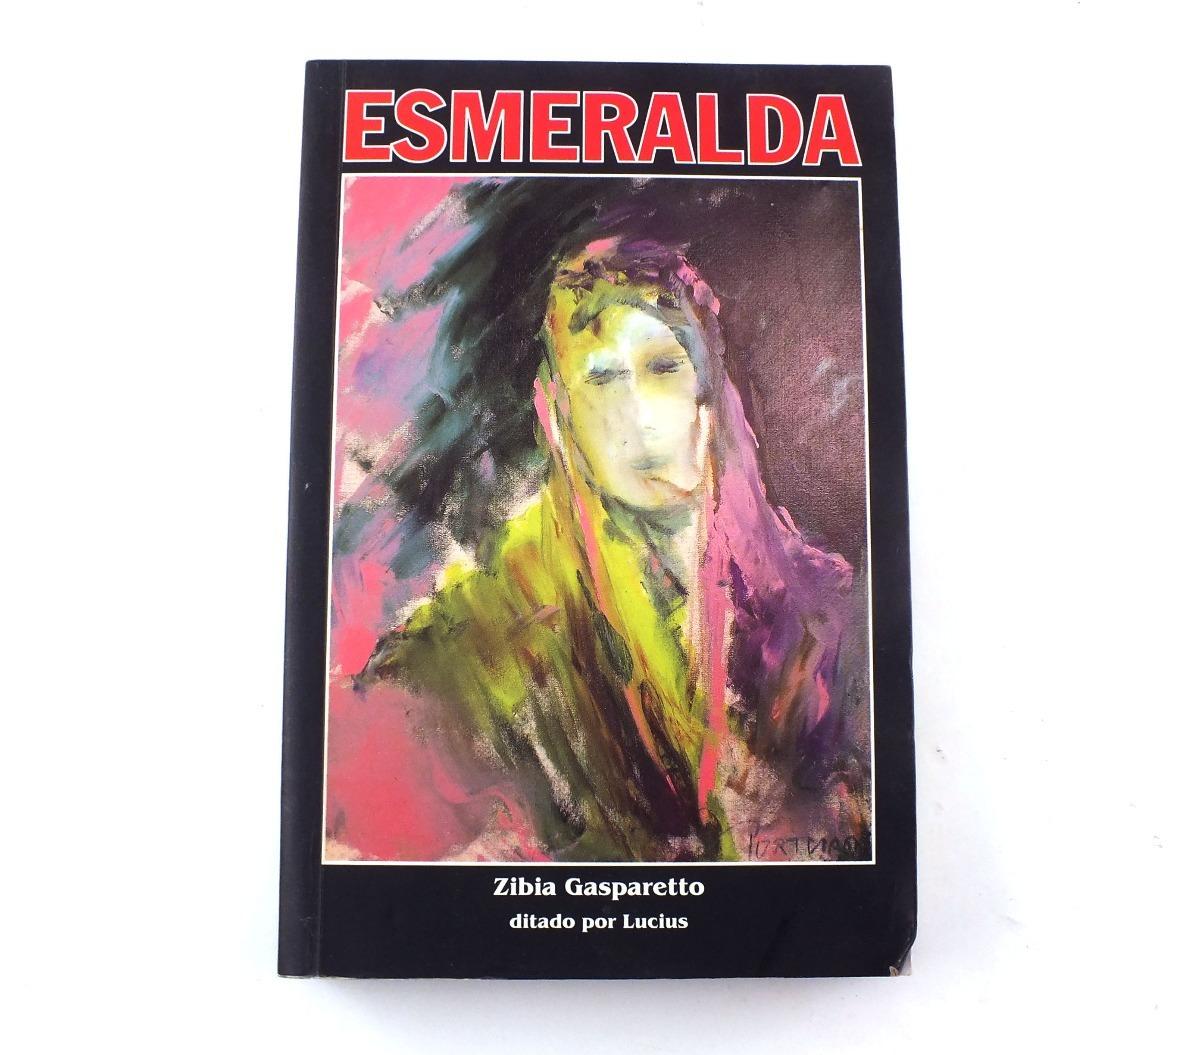 esmeralda zibia gasparetto